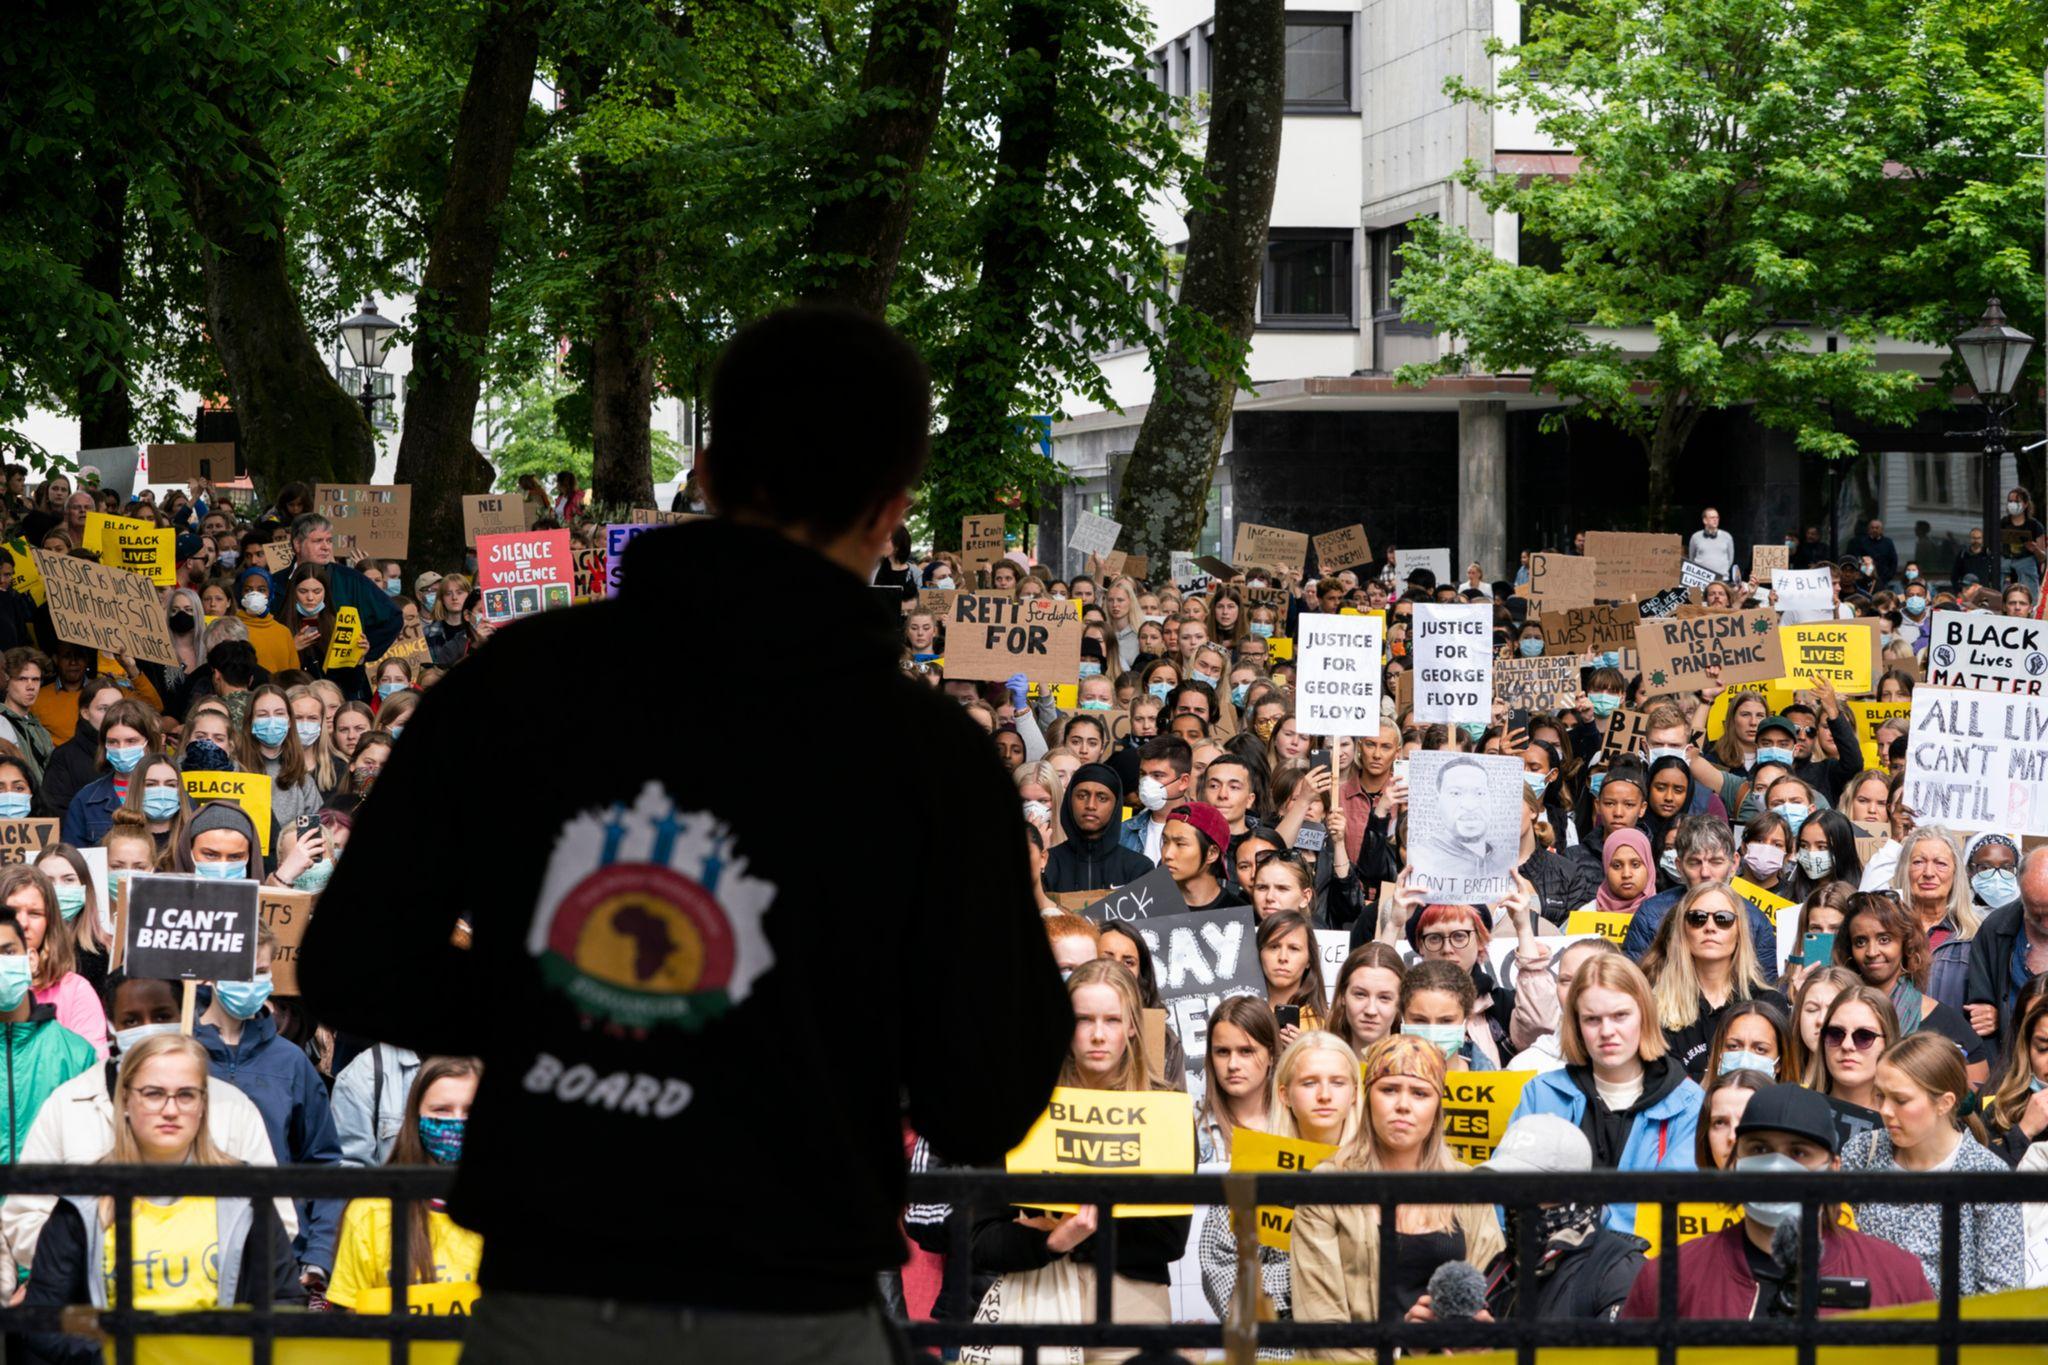 Stavanger Kommune Setter Helsearbeidere Som Deltok I Demonstrasjon I Karantene